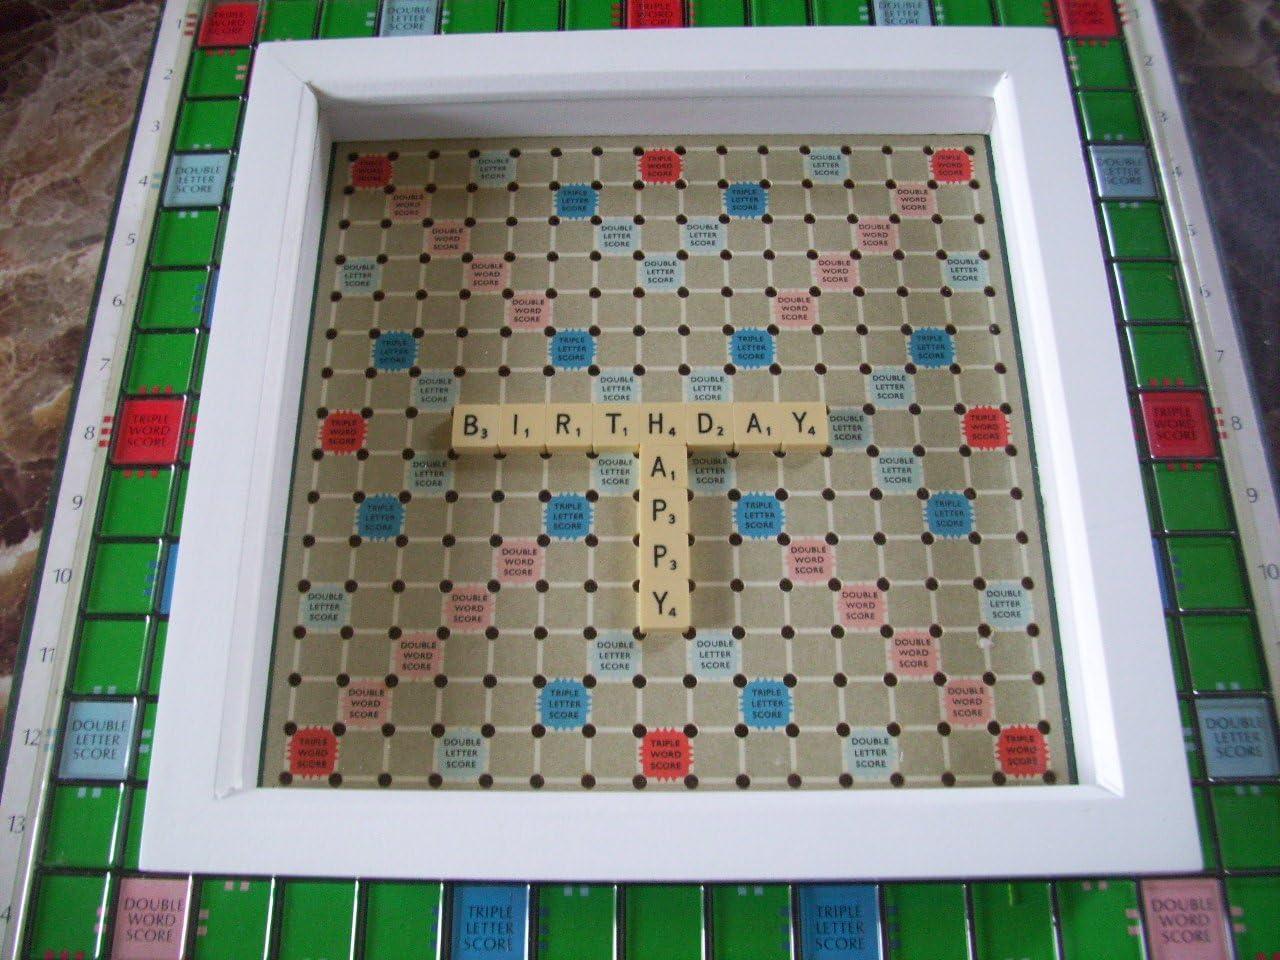 Gemas de Inglés Scrabble® imagen viaje azulejos elección de palabras de profundidad blanco marco: Amazon.es: Hogar